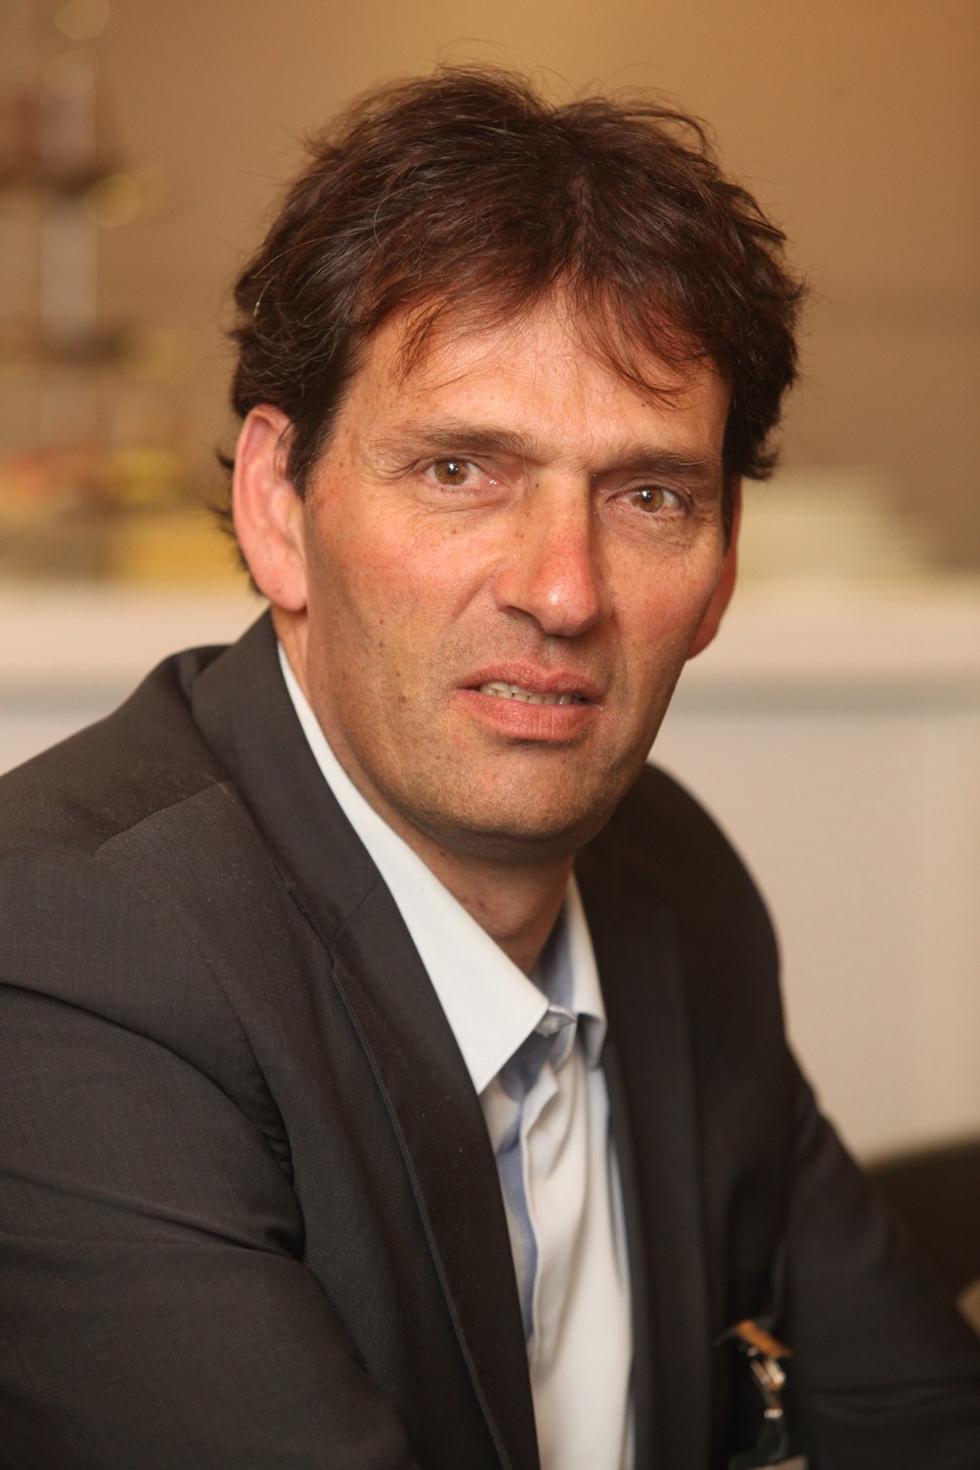 אמיר הלוי (צילום: חן גלילי)